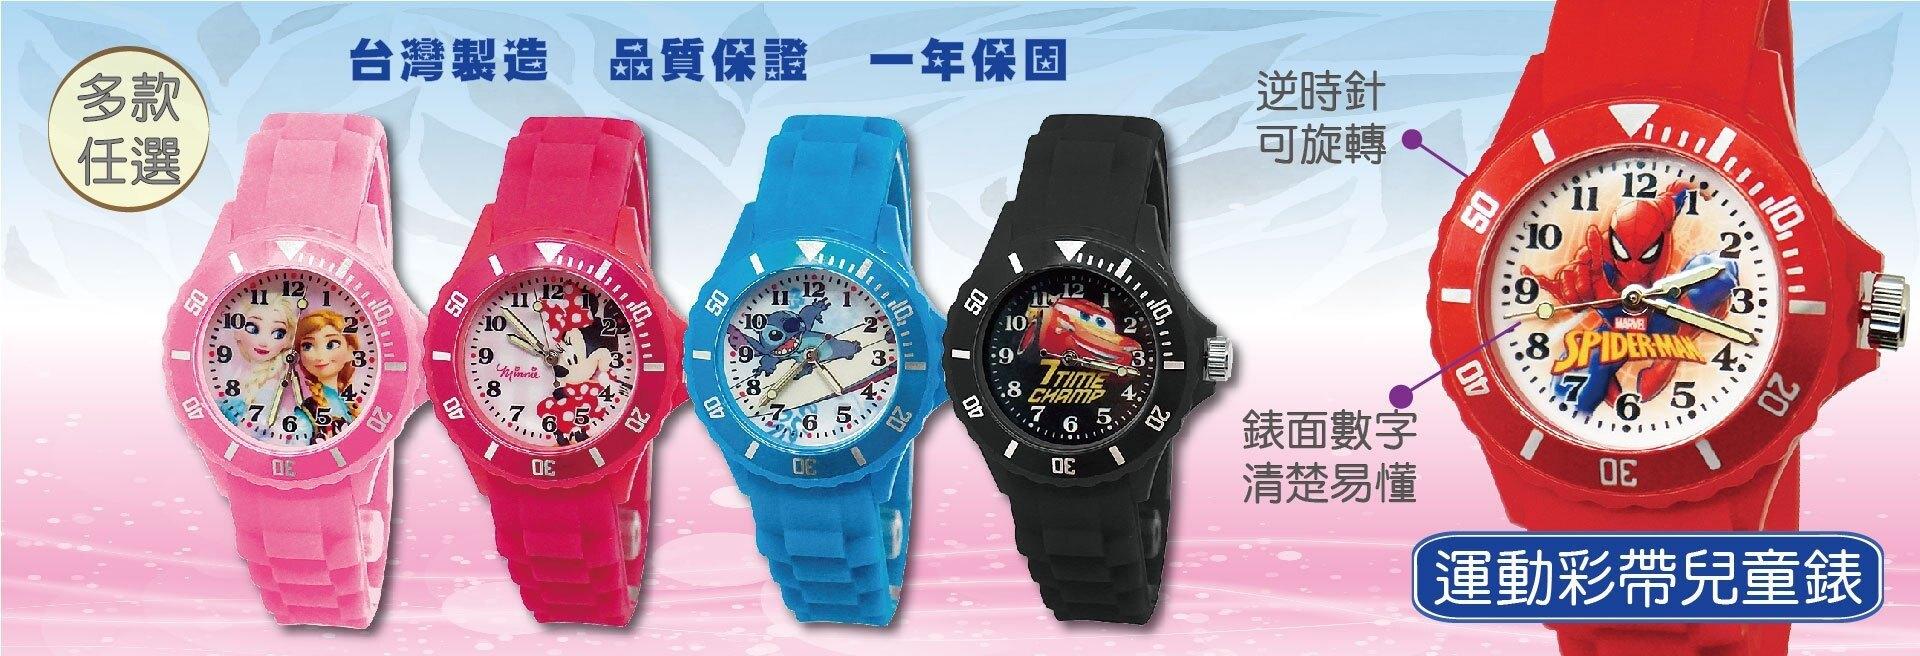 【兒童運動彩帶卡通錶】【冰雪奇緣】【台灣製造正版授權】【保固一年】5-12歲 兒童手錶 U5-3008